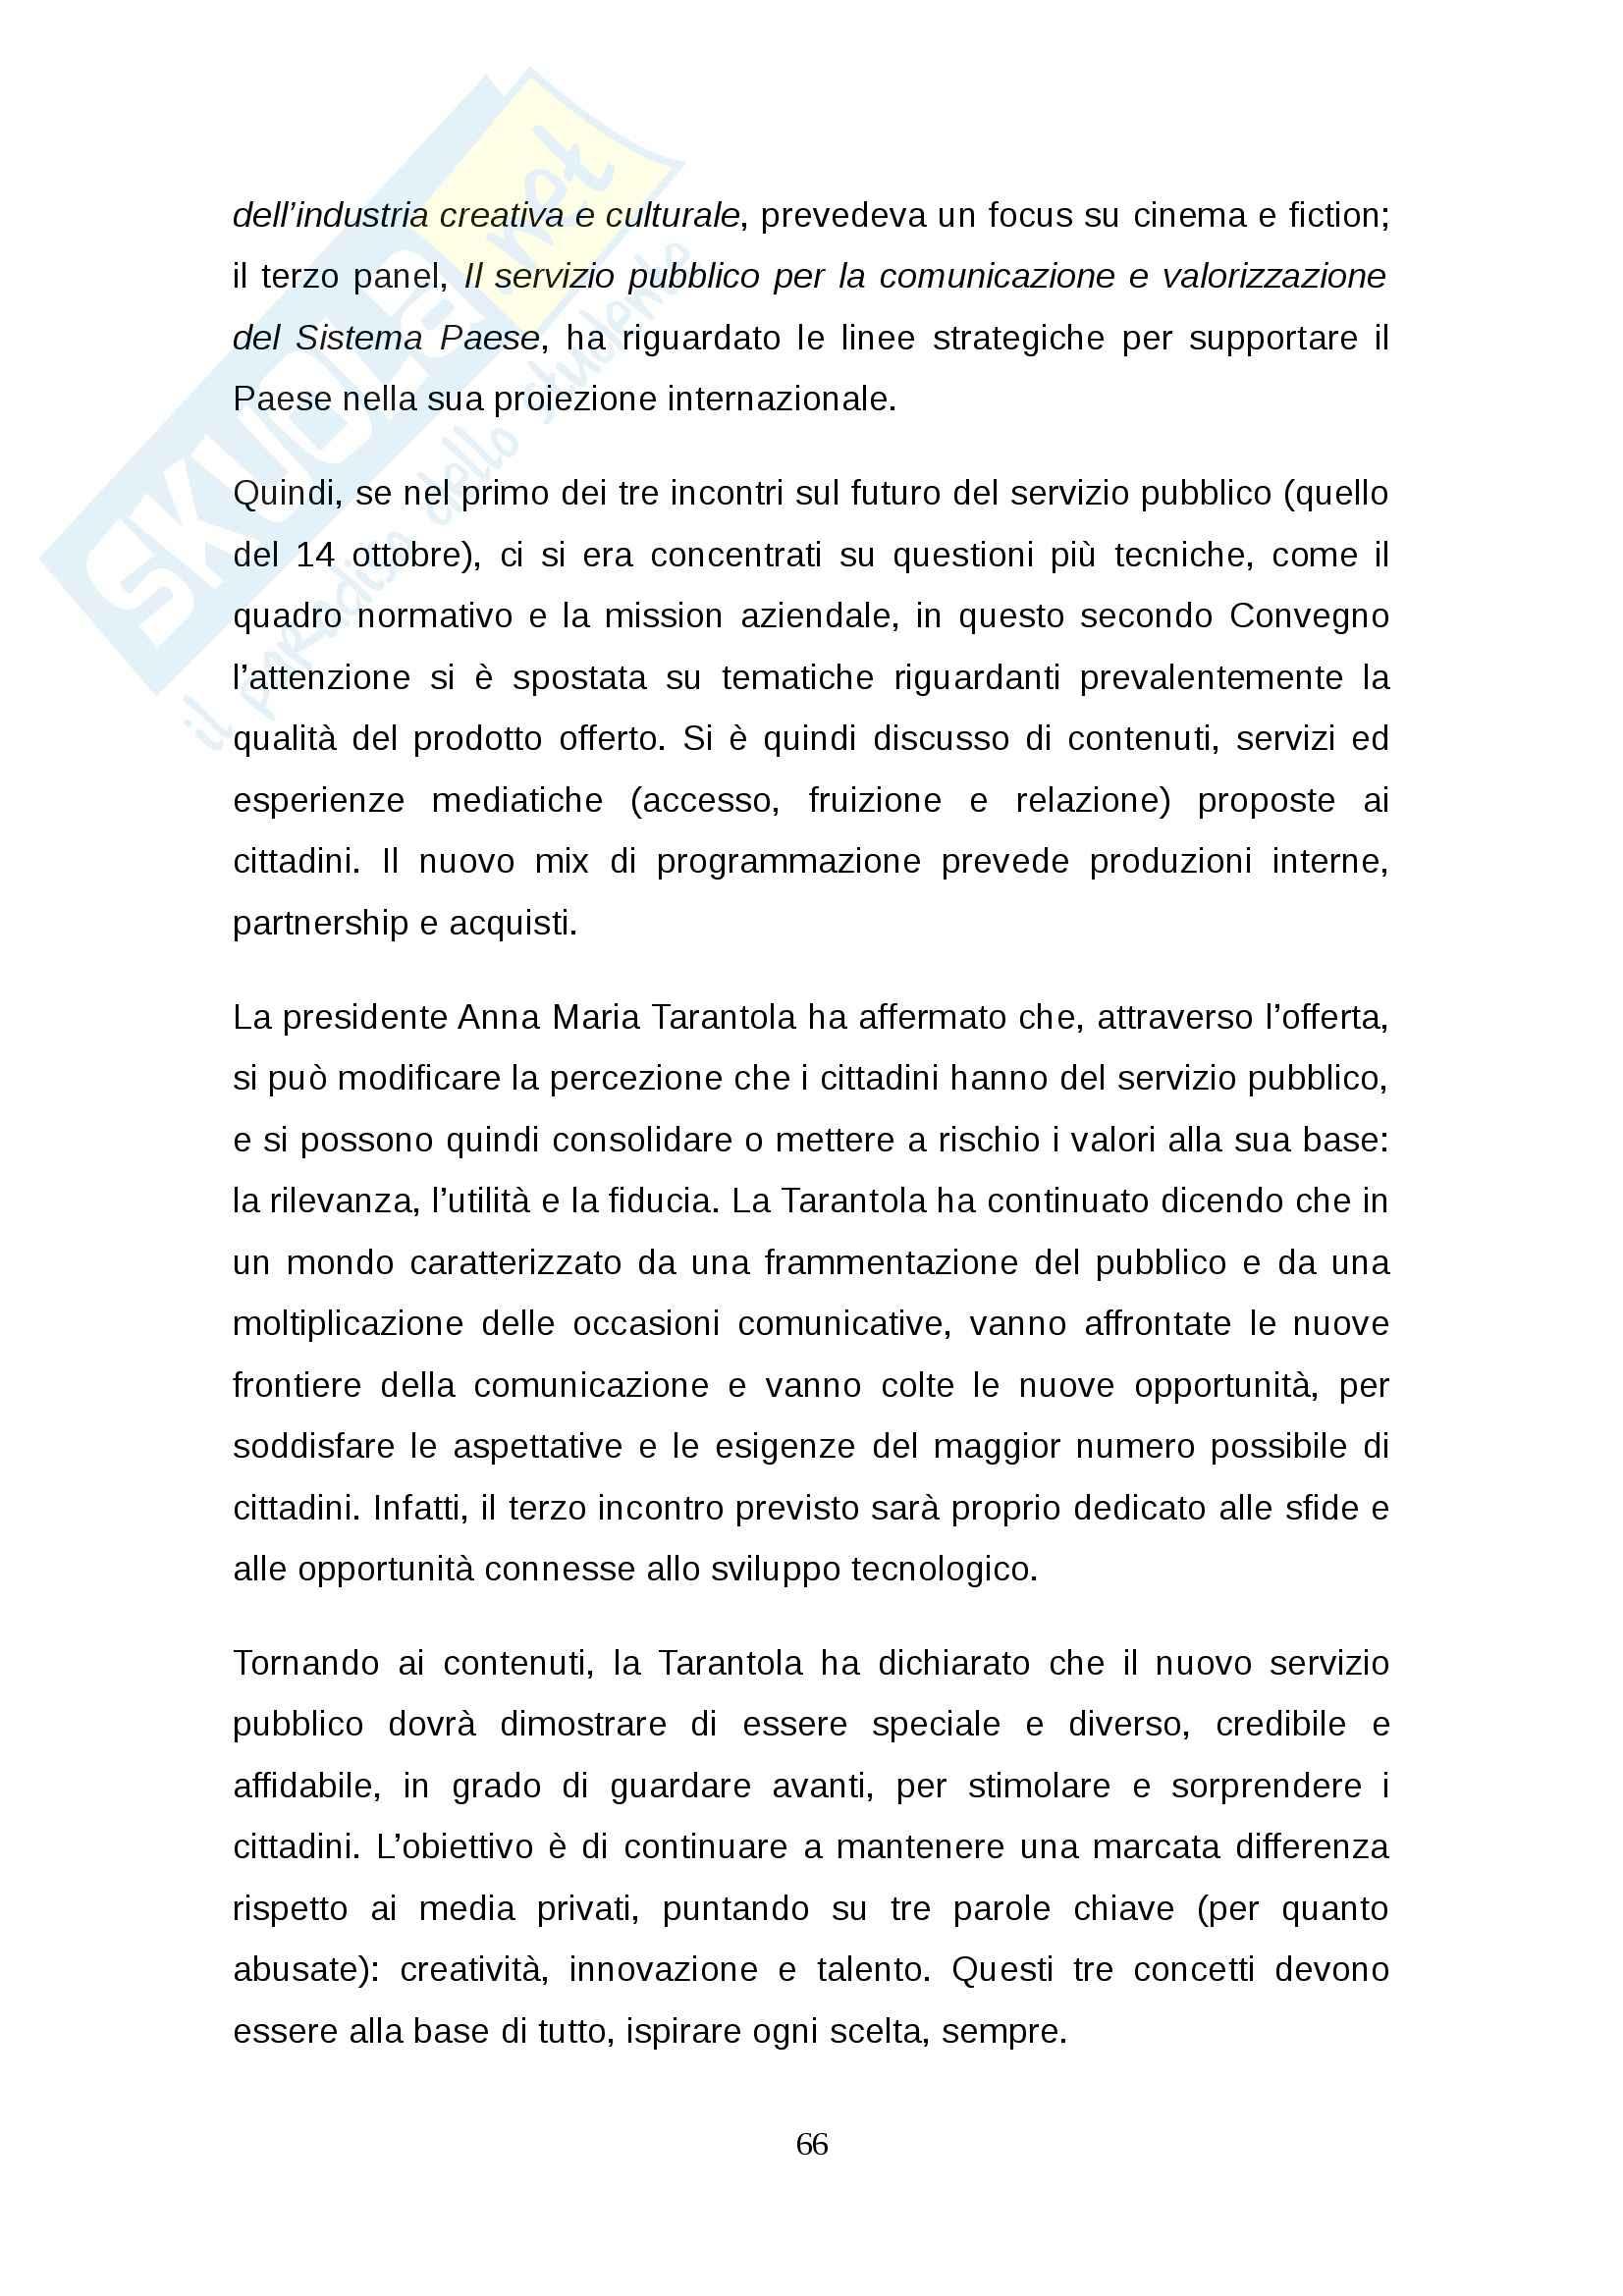 Tesi: Rinnovo della concessione pubblica Stato-RAI: regole e dibattito Pag. 66